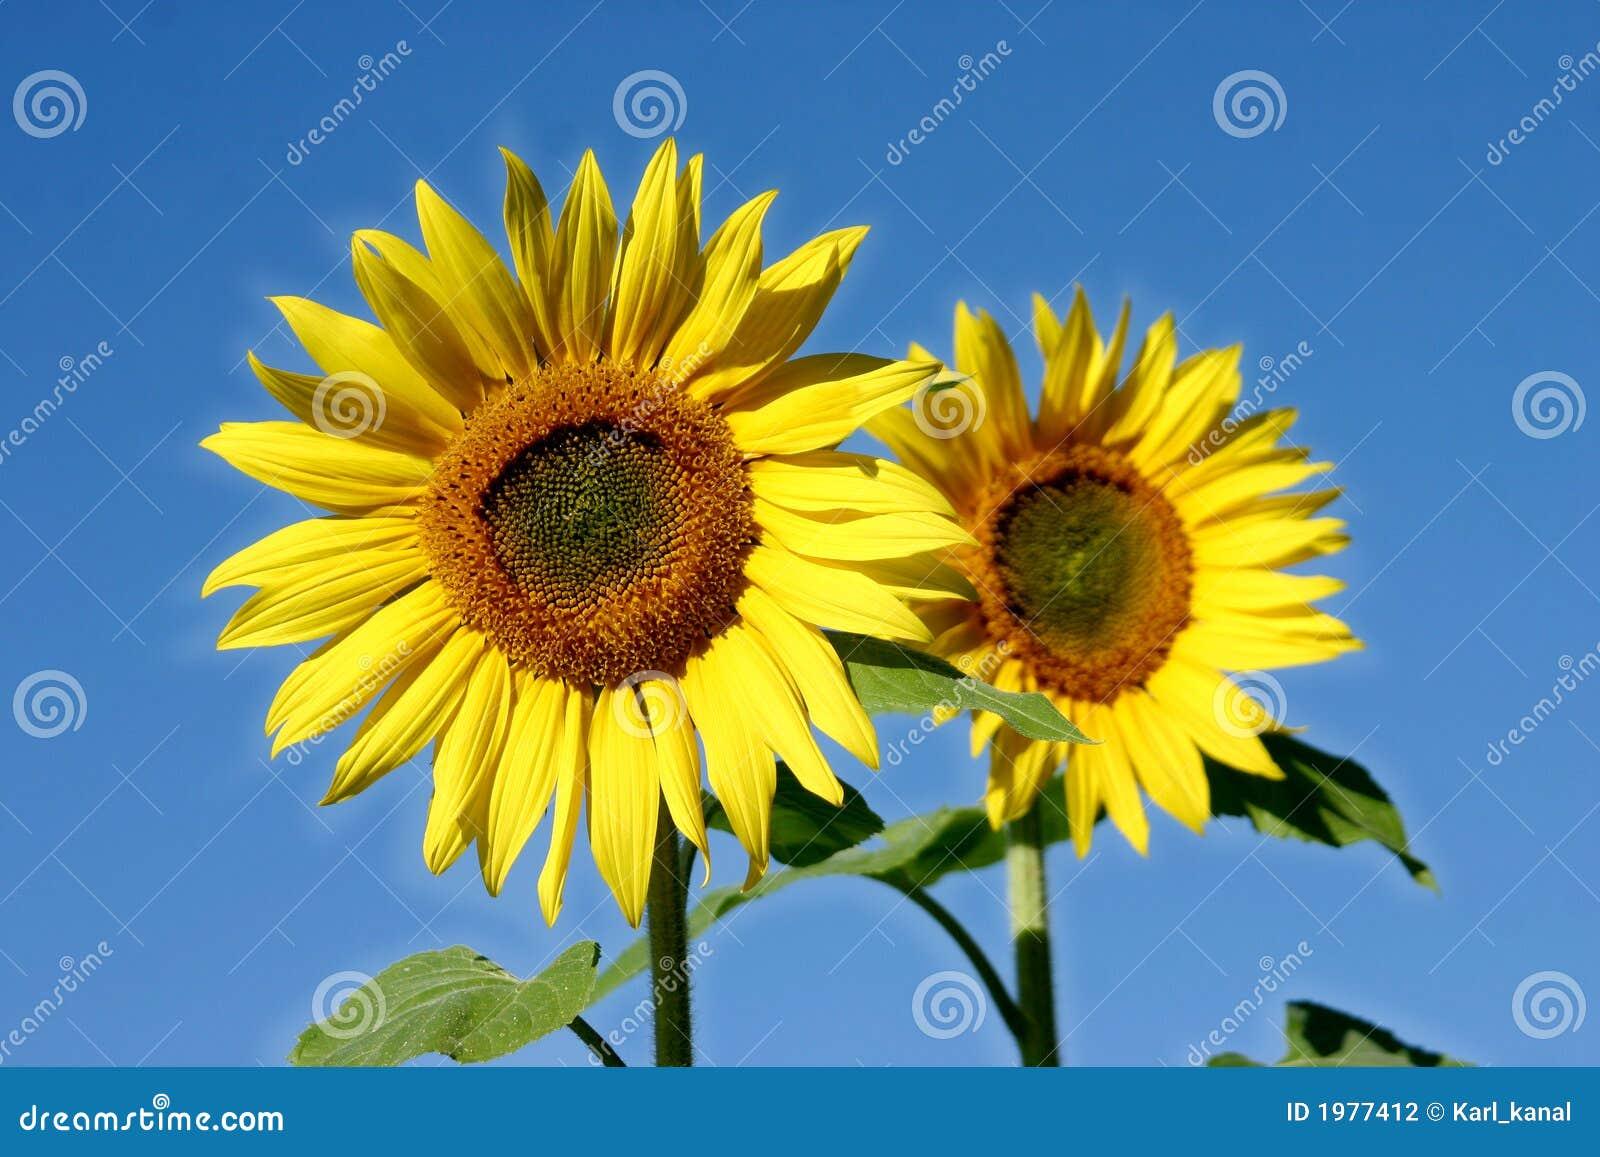 Afbeeldingen Zonnebloemen